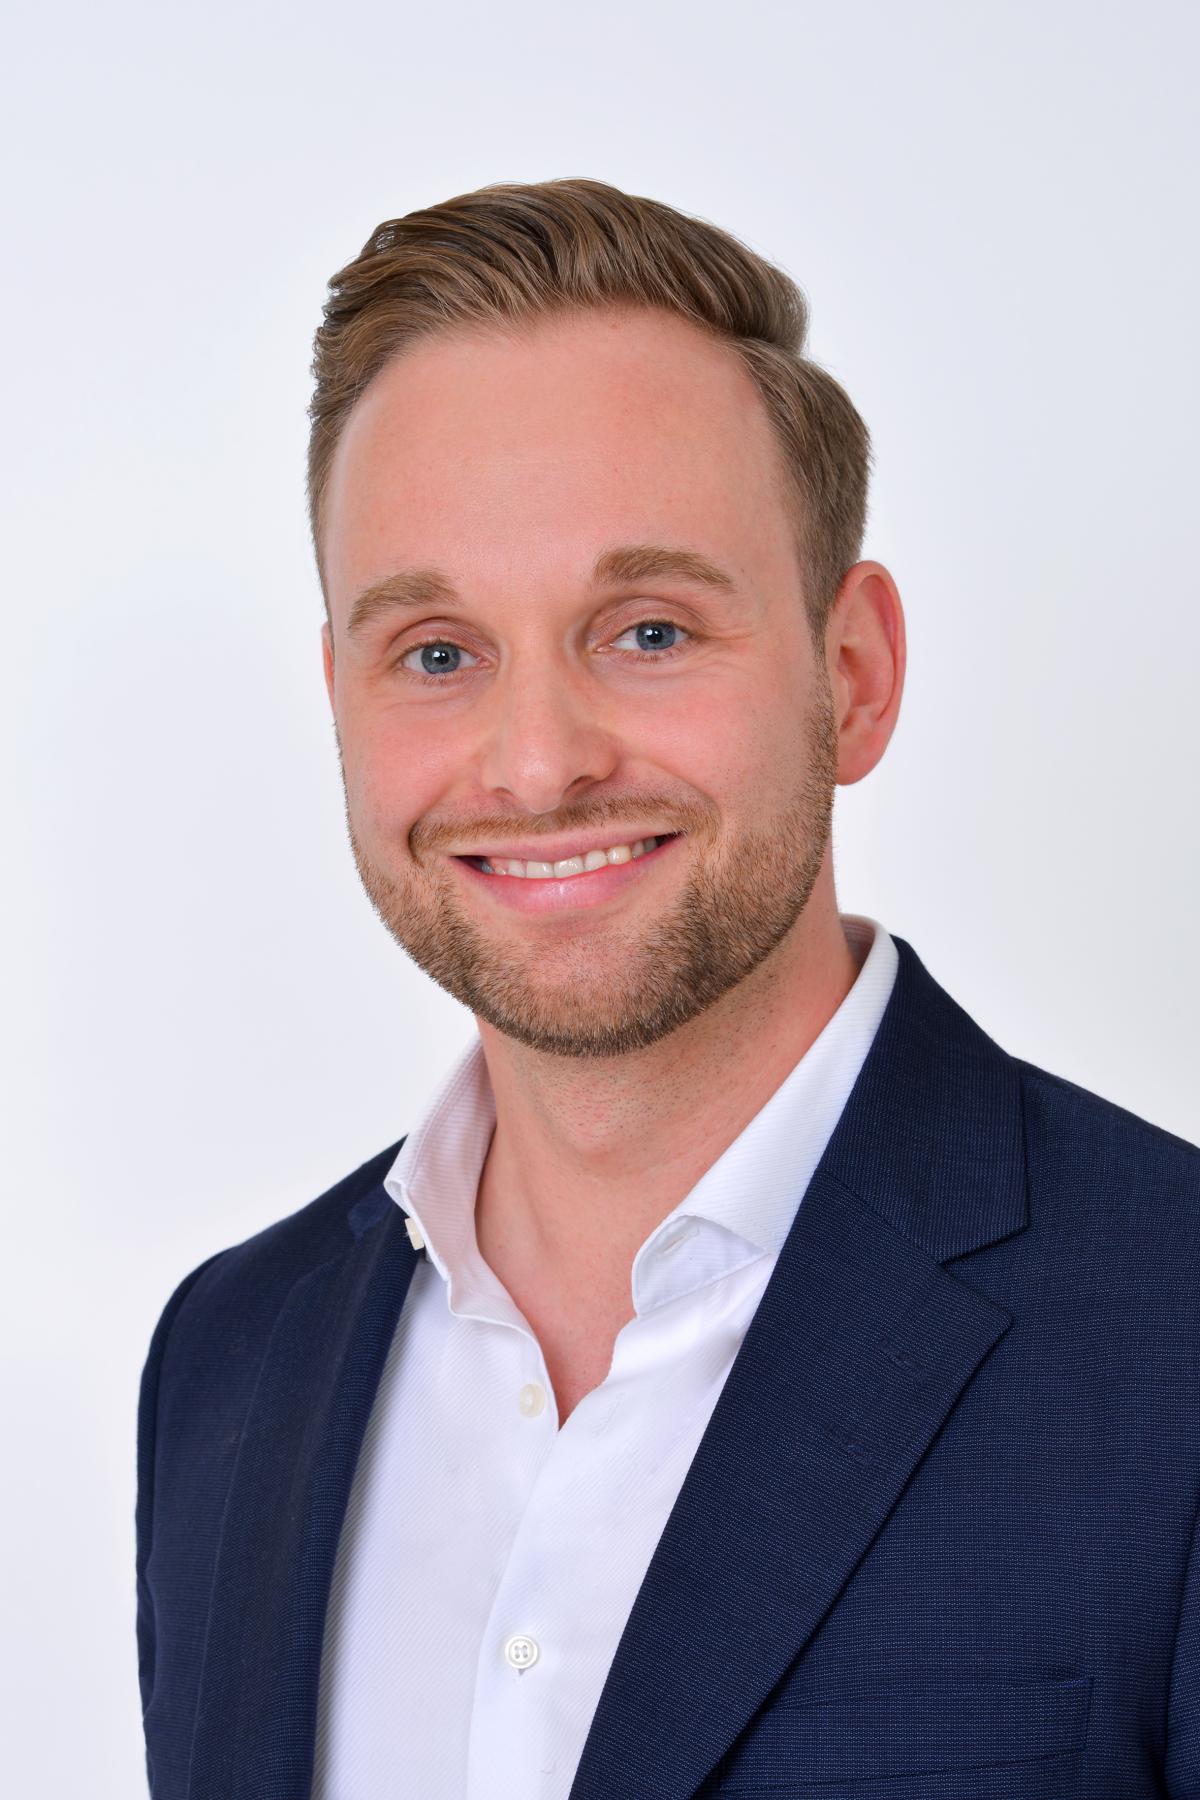 Alexander Woge